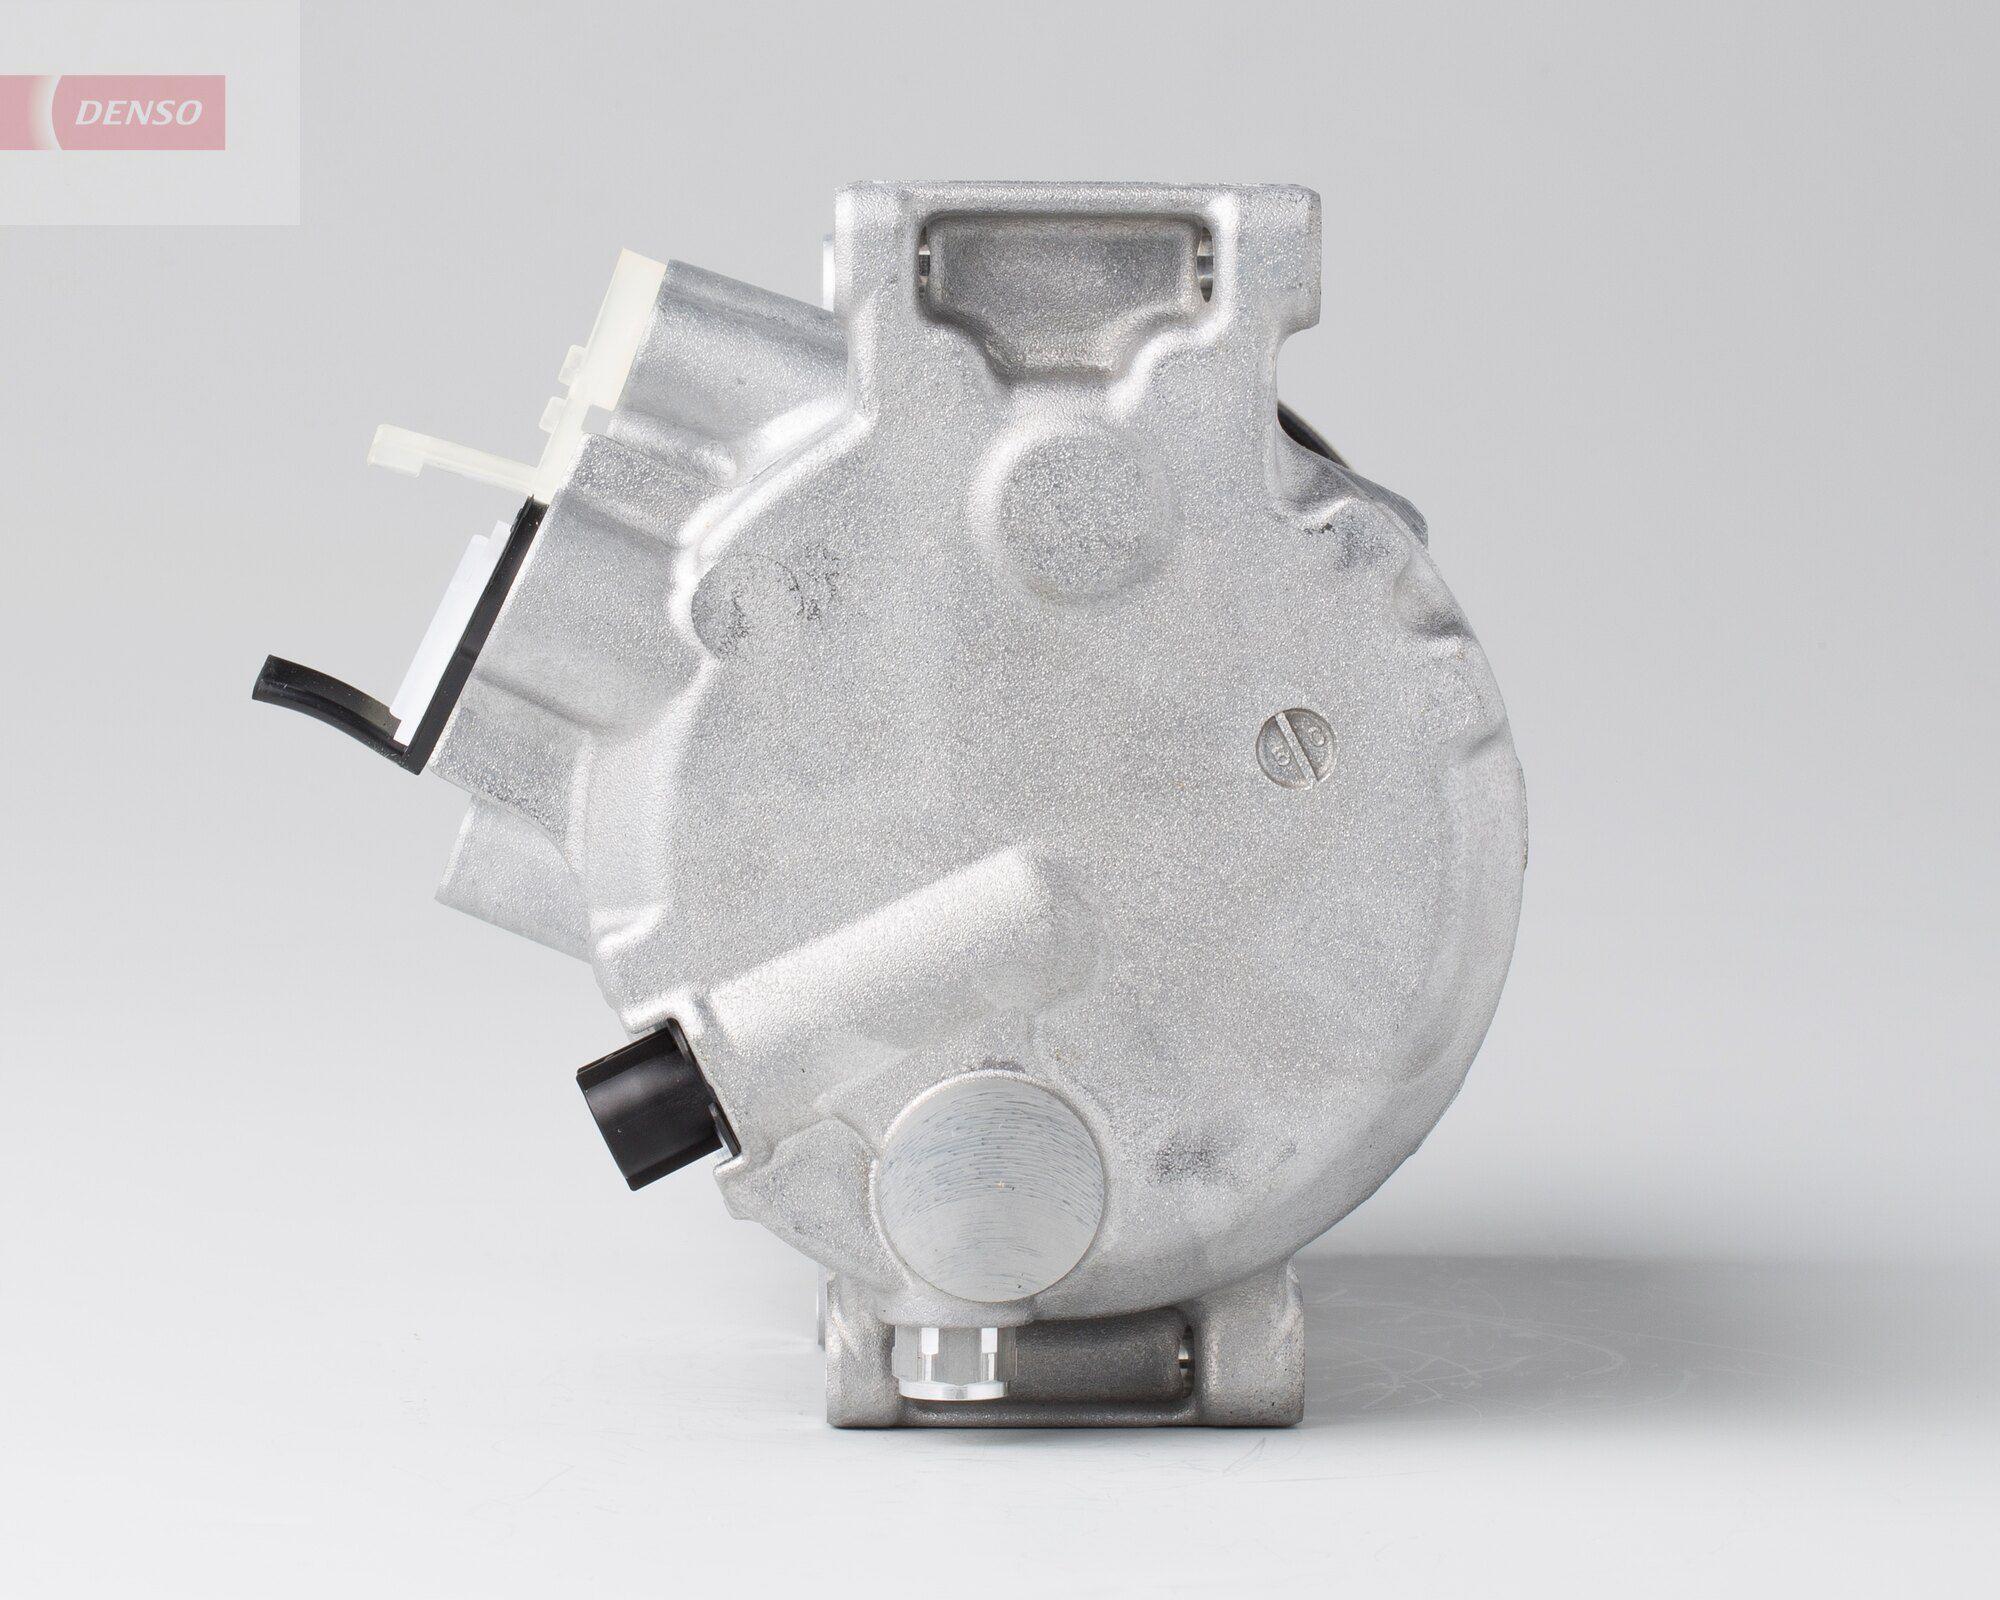 DCP51001 Kompressor, Klimaanlage DENSO DCP51001 - Große Auswahl - stark reduziert